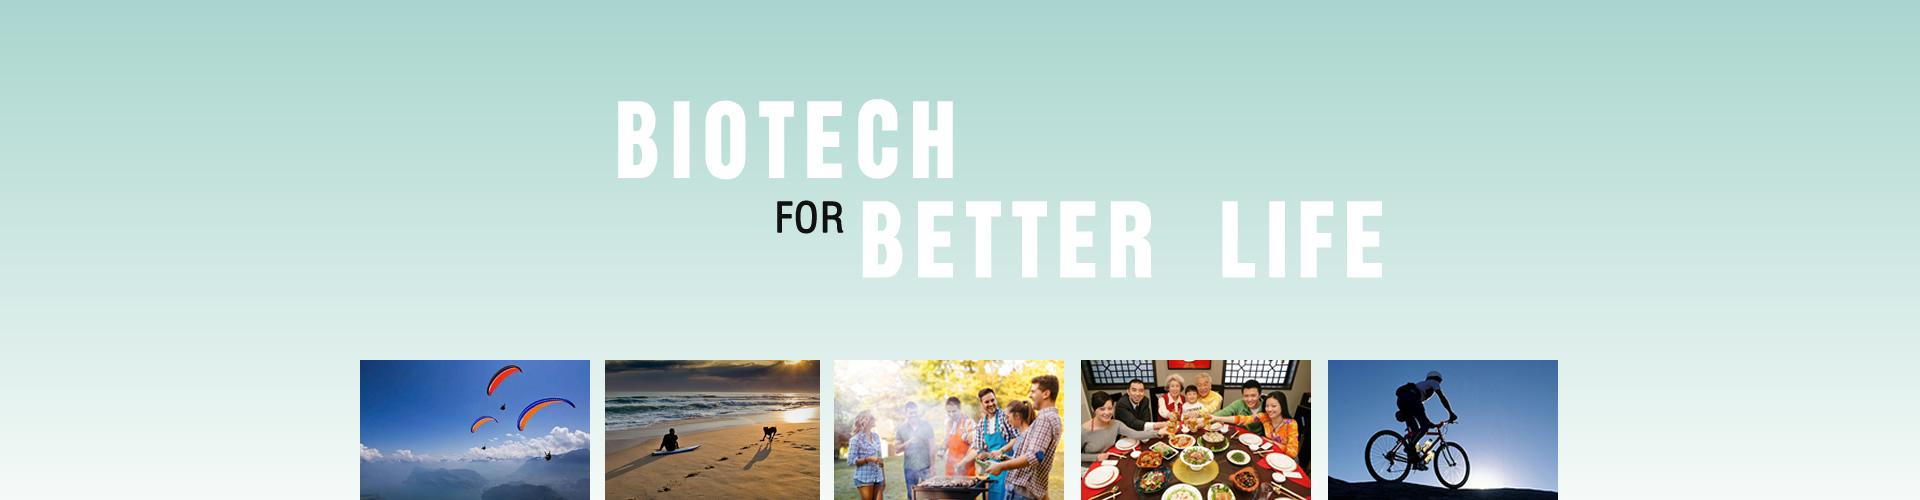 Biotech for better life